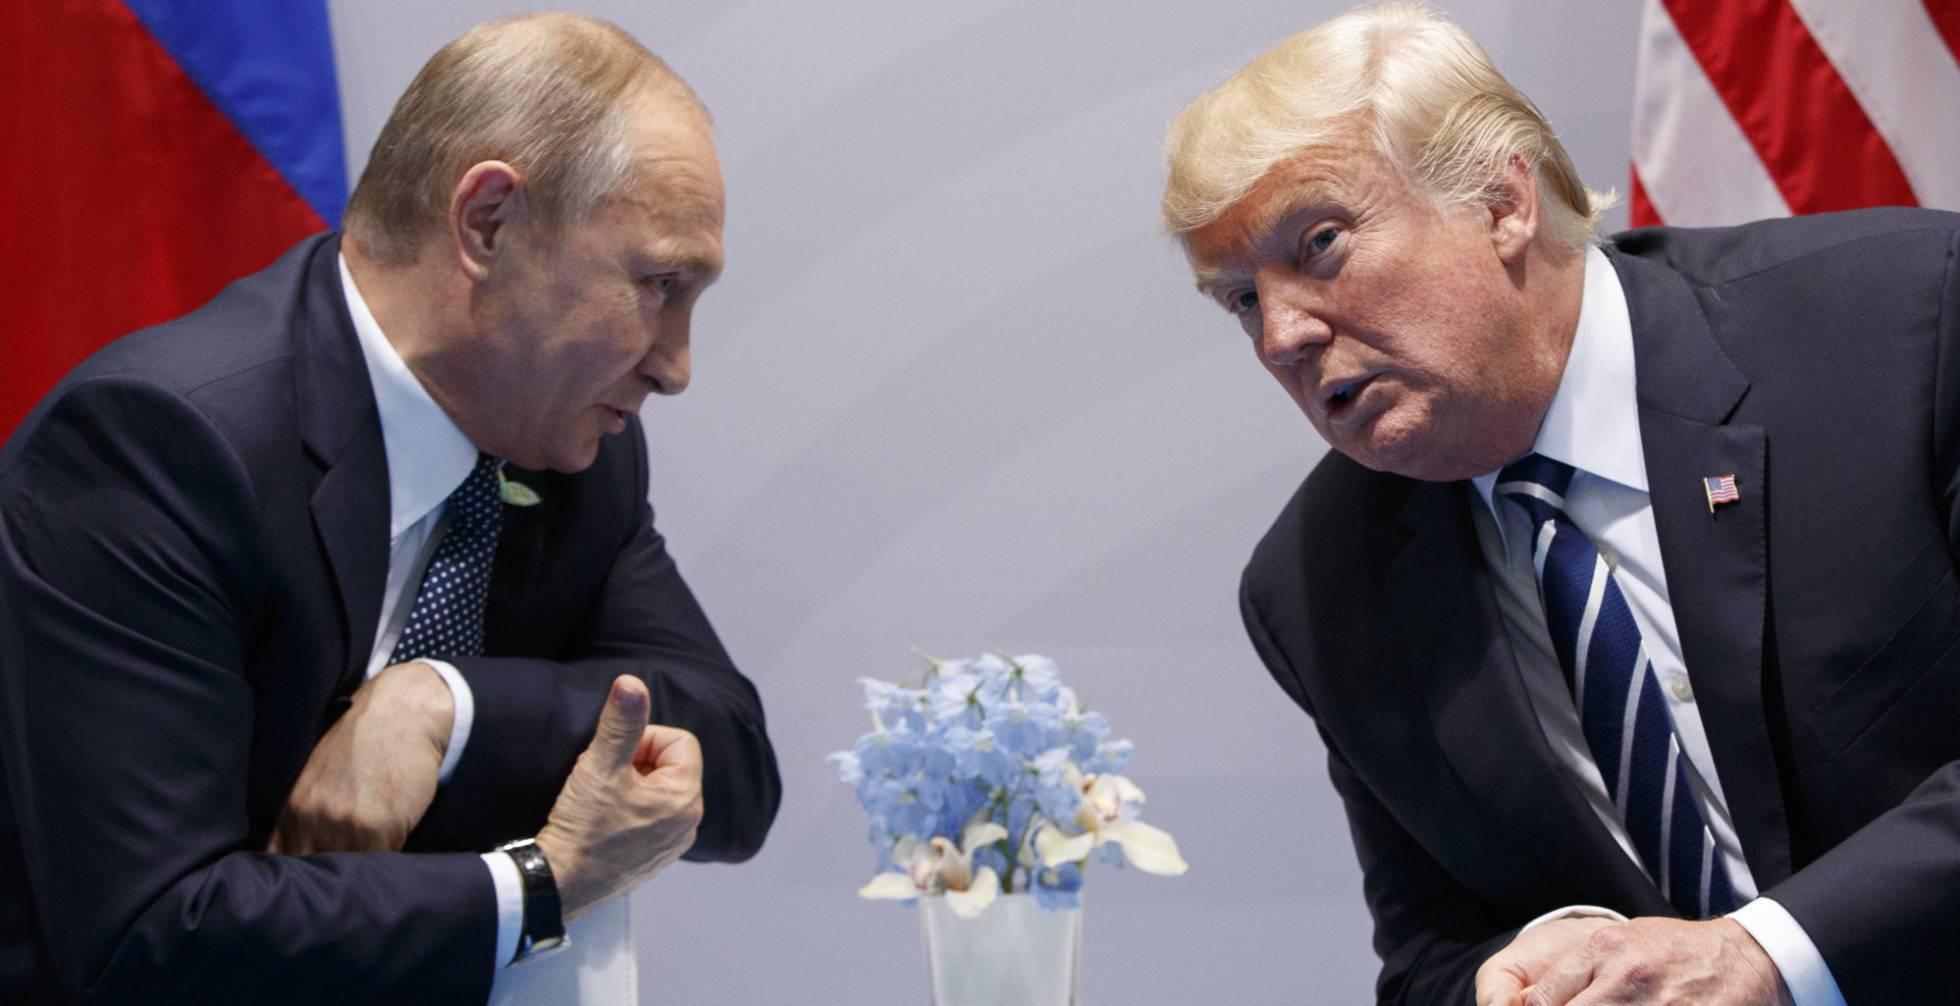 militar - Guerra Económica contra Rusia - Página 14 1500908812_540658_1500909490_noticia_normal_recorte1